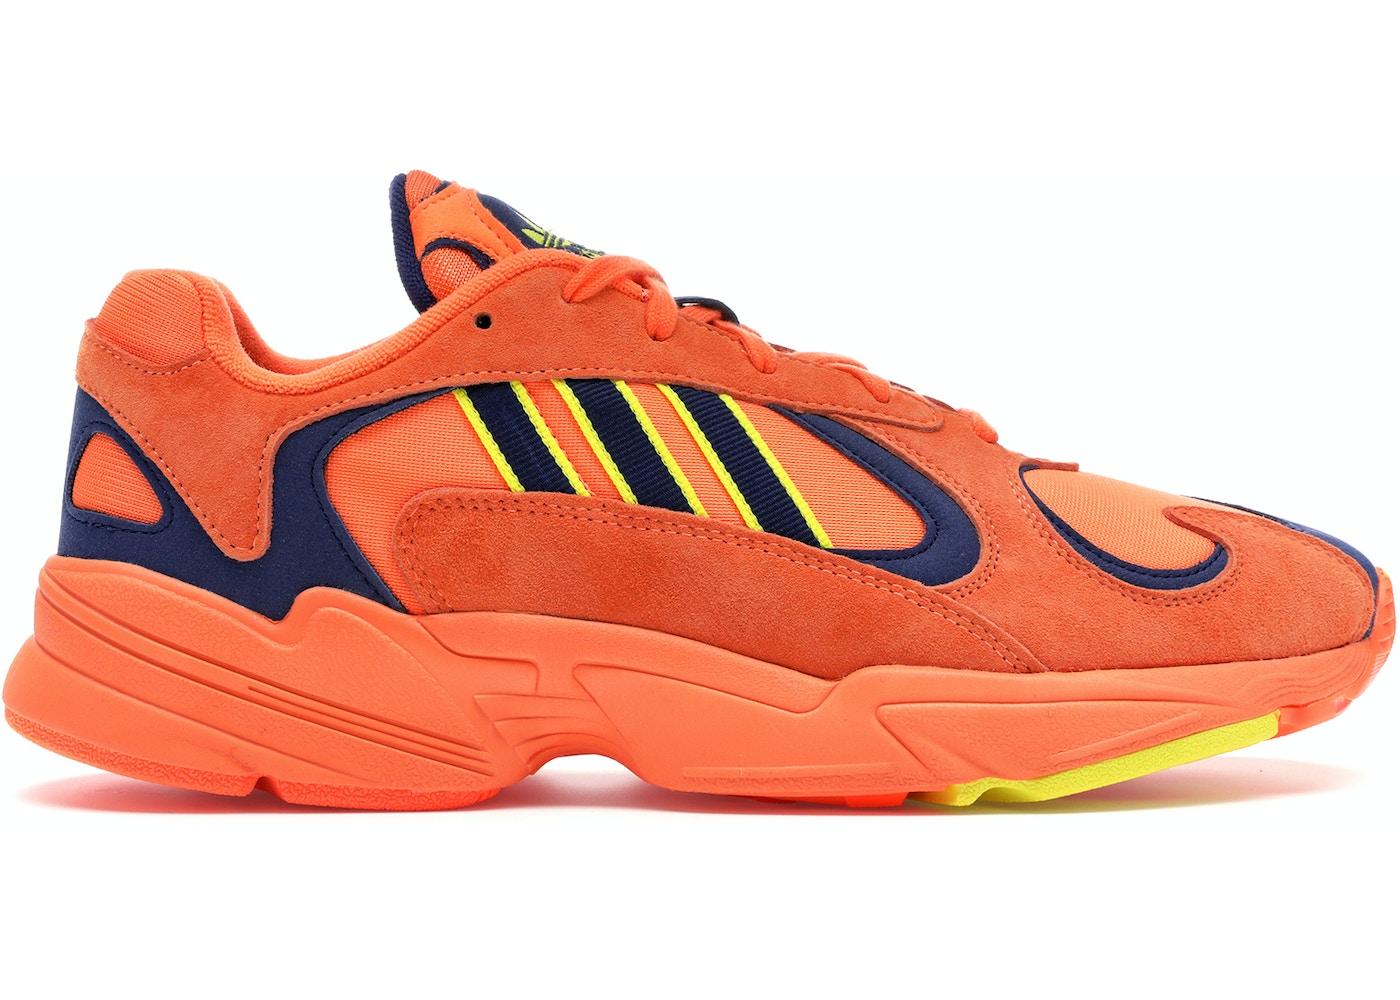 dbc539a6d7f adidas Yung-1 Hi-Res Orange - B37613